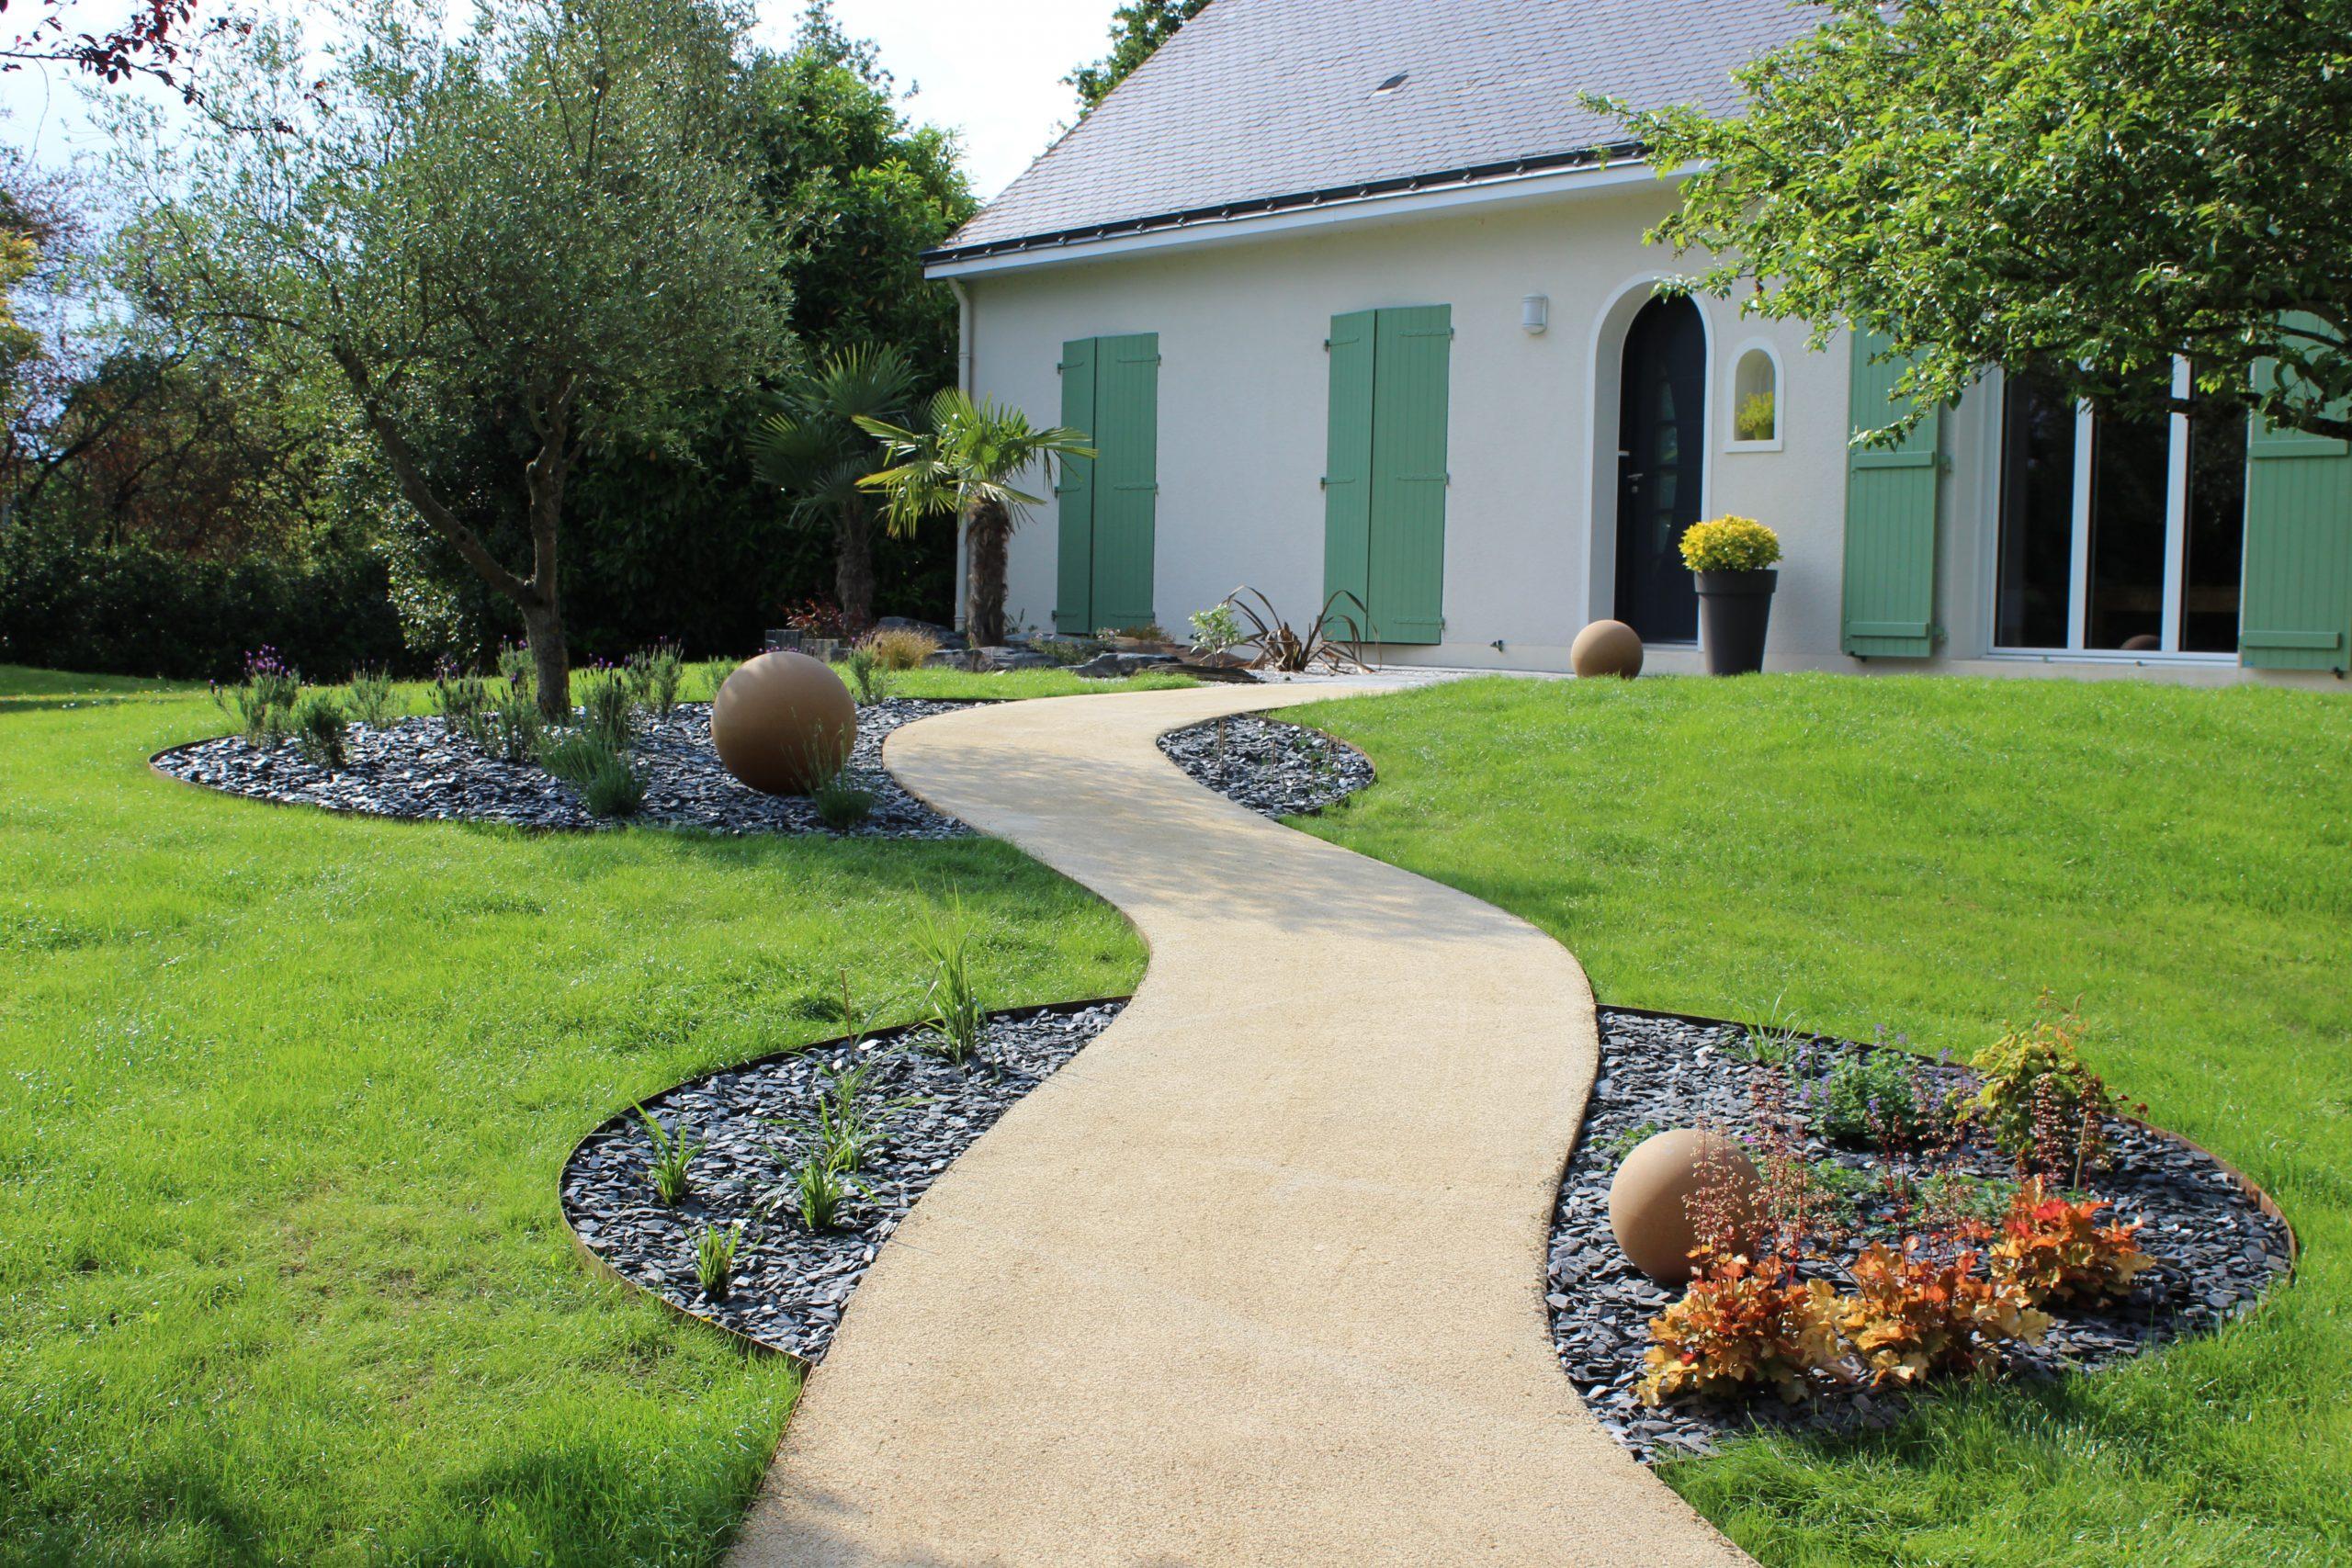 Allées De Jardins Angers Maine Et Loire 49 - Chevalier Paysage serapportantà Allée De Jardin En Béton